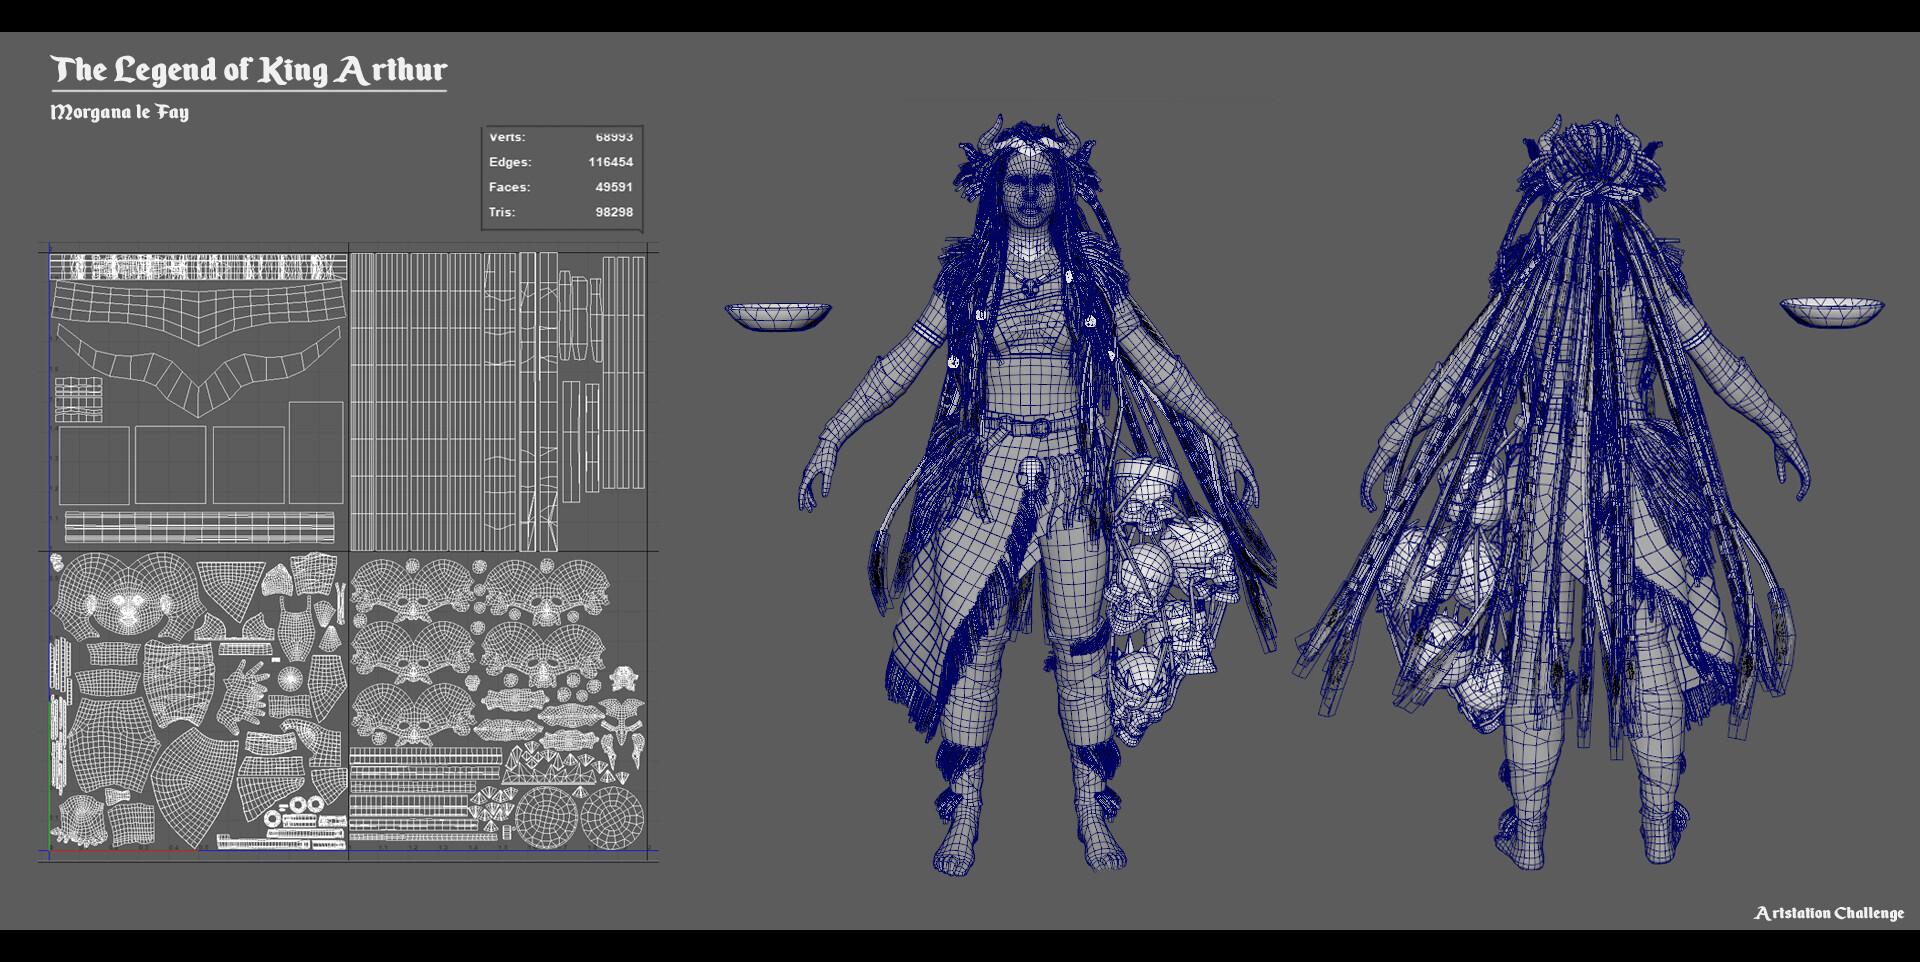 Yumi batgerel morgana uv01